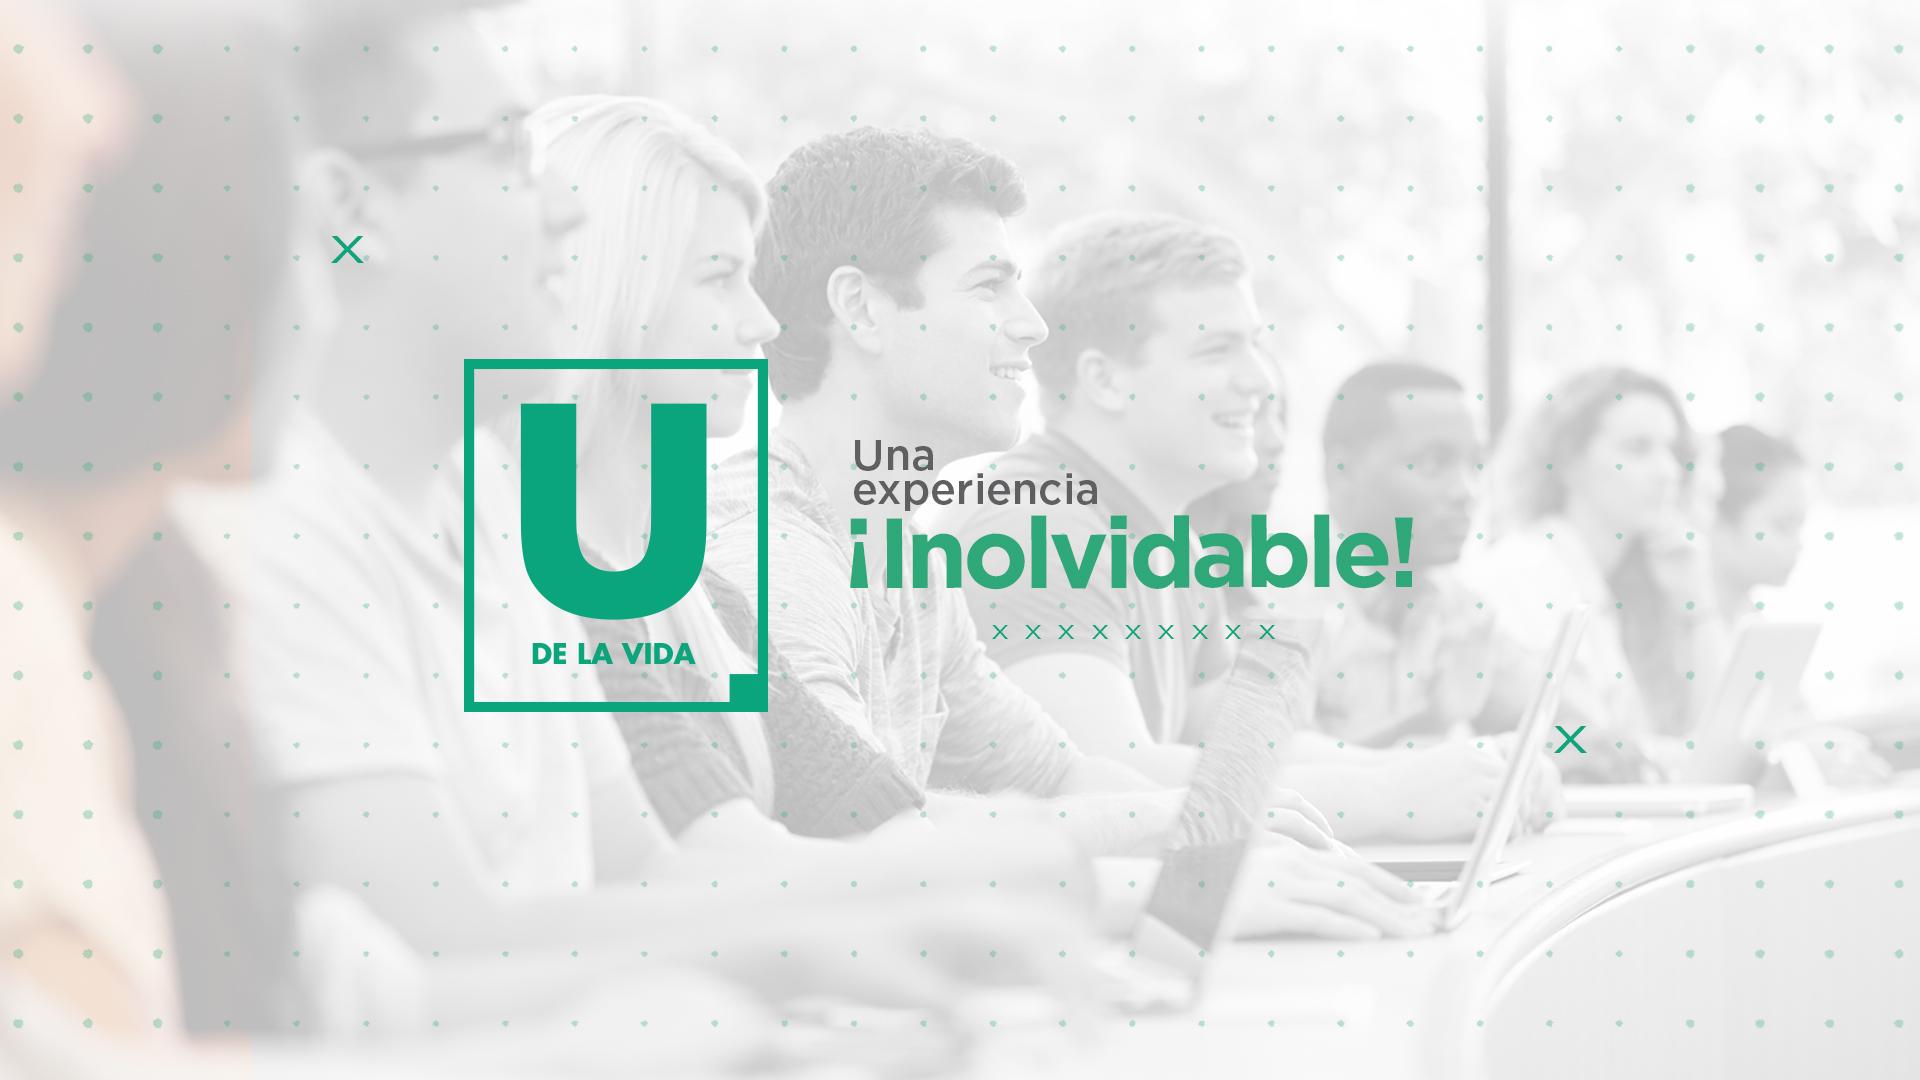 U_vida_mci12